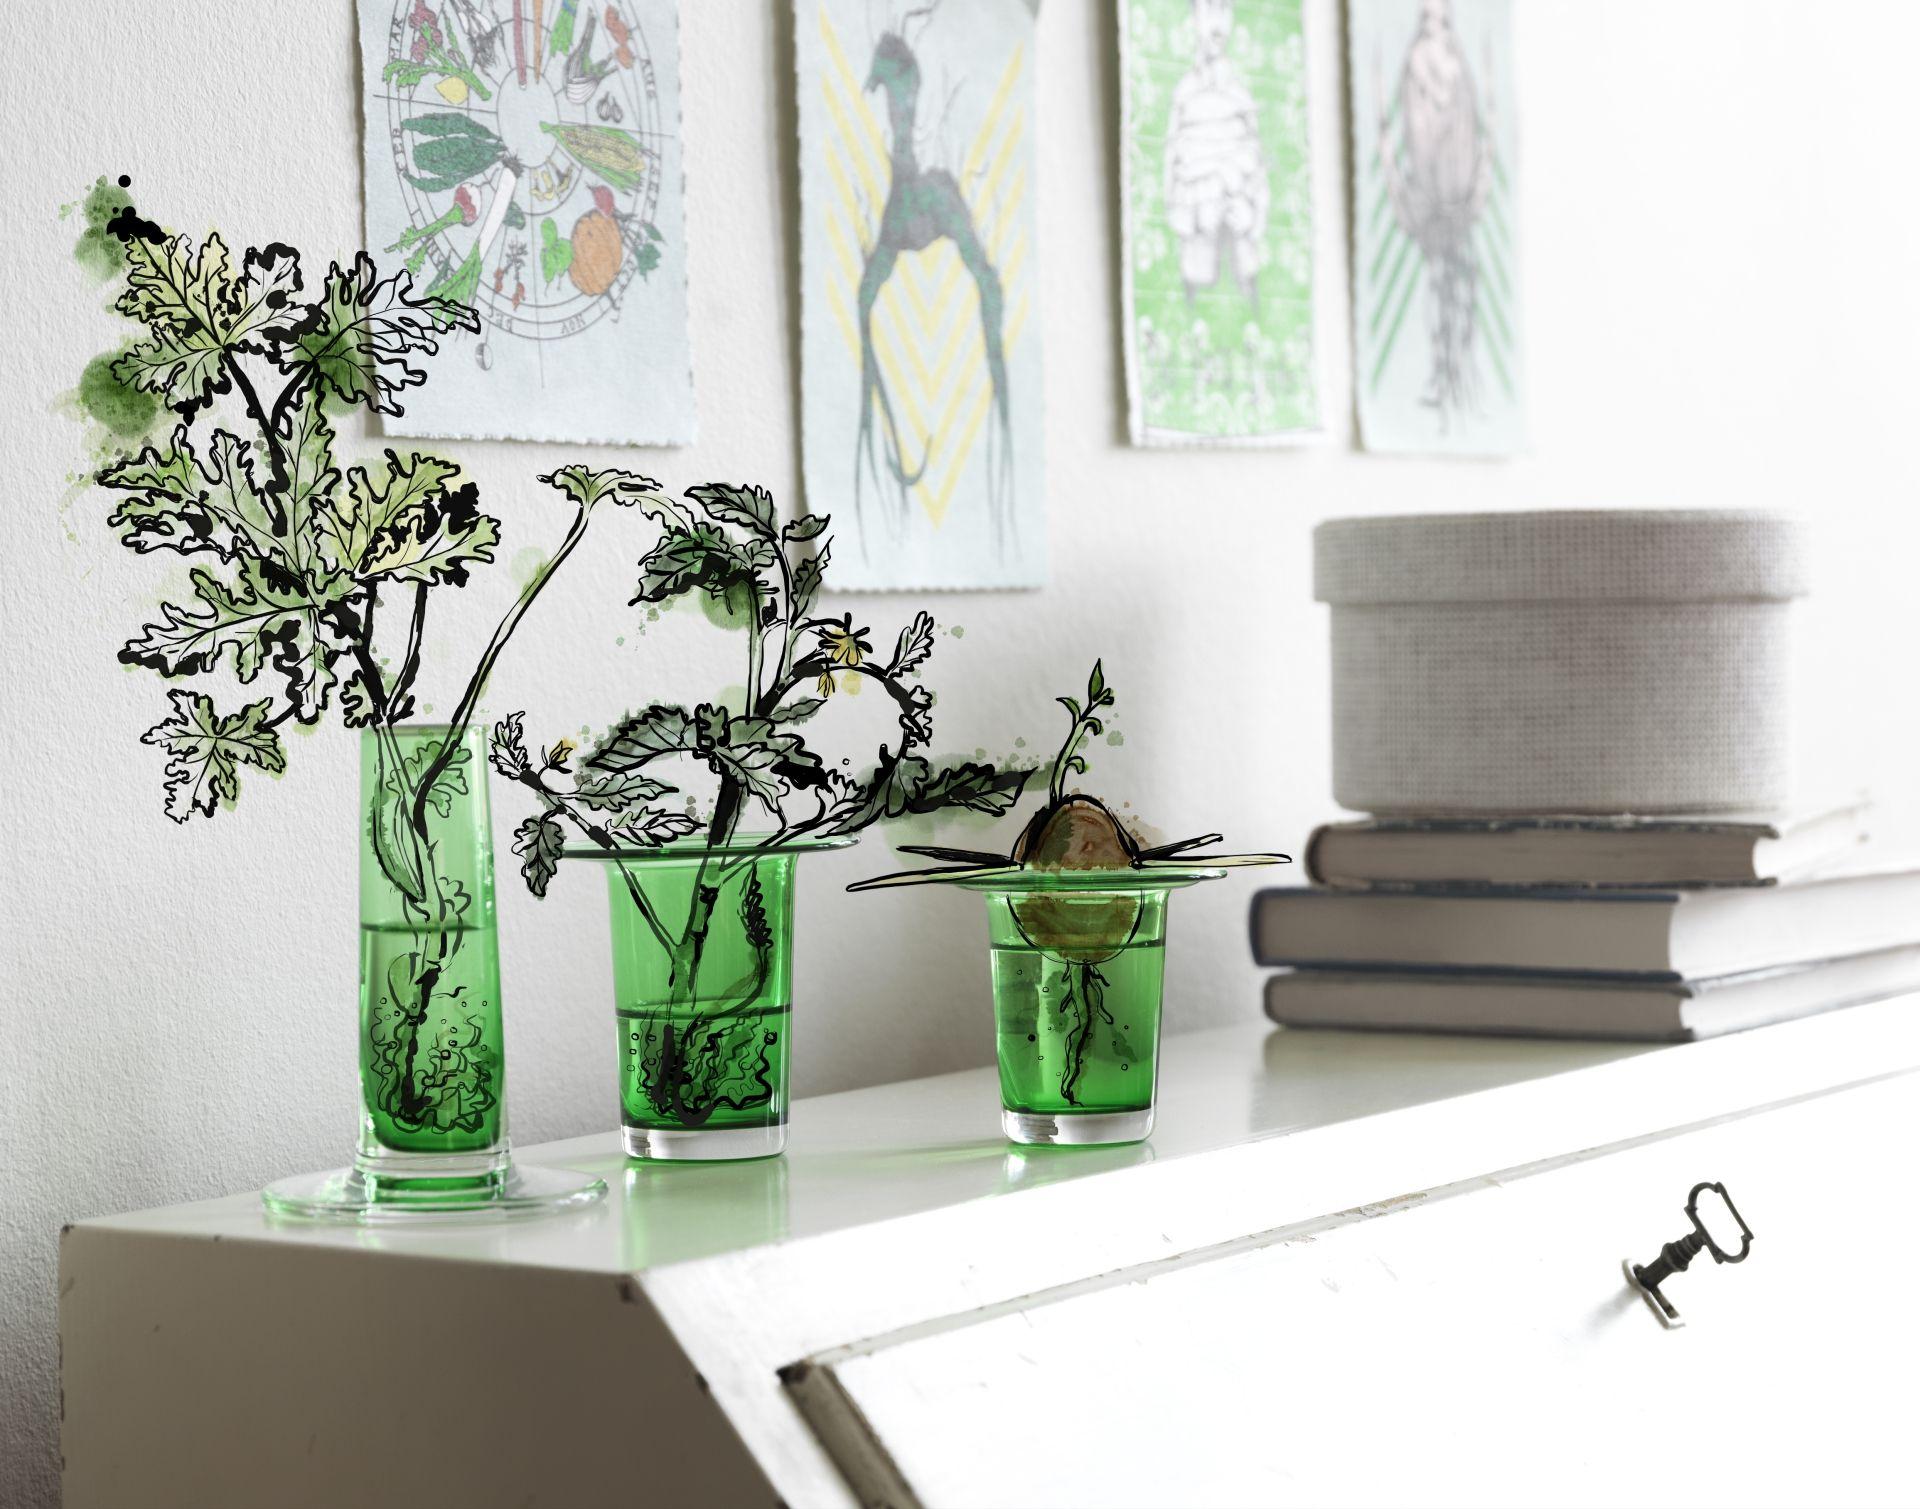 Le Ikea Blume lascia che le talee mettano le radici nell acqua prima di piantarle